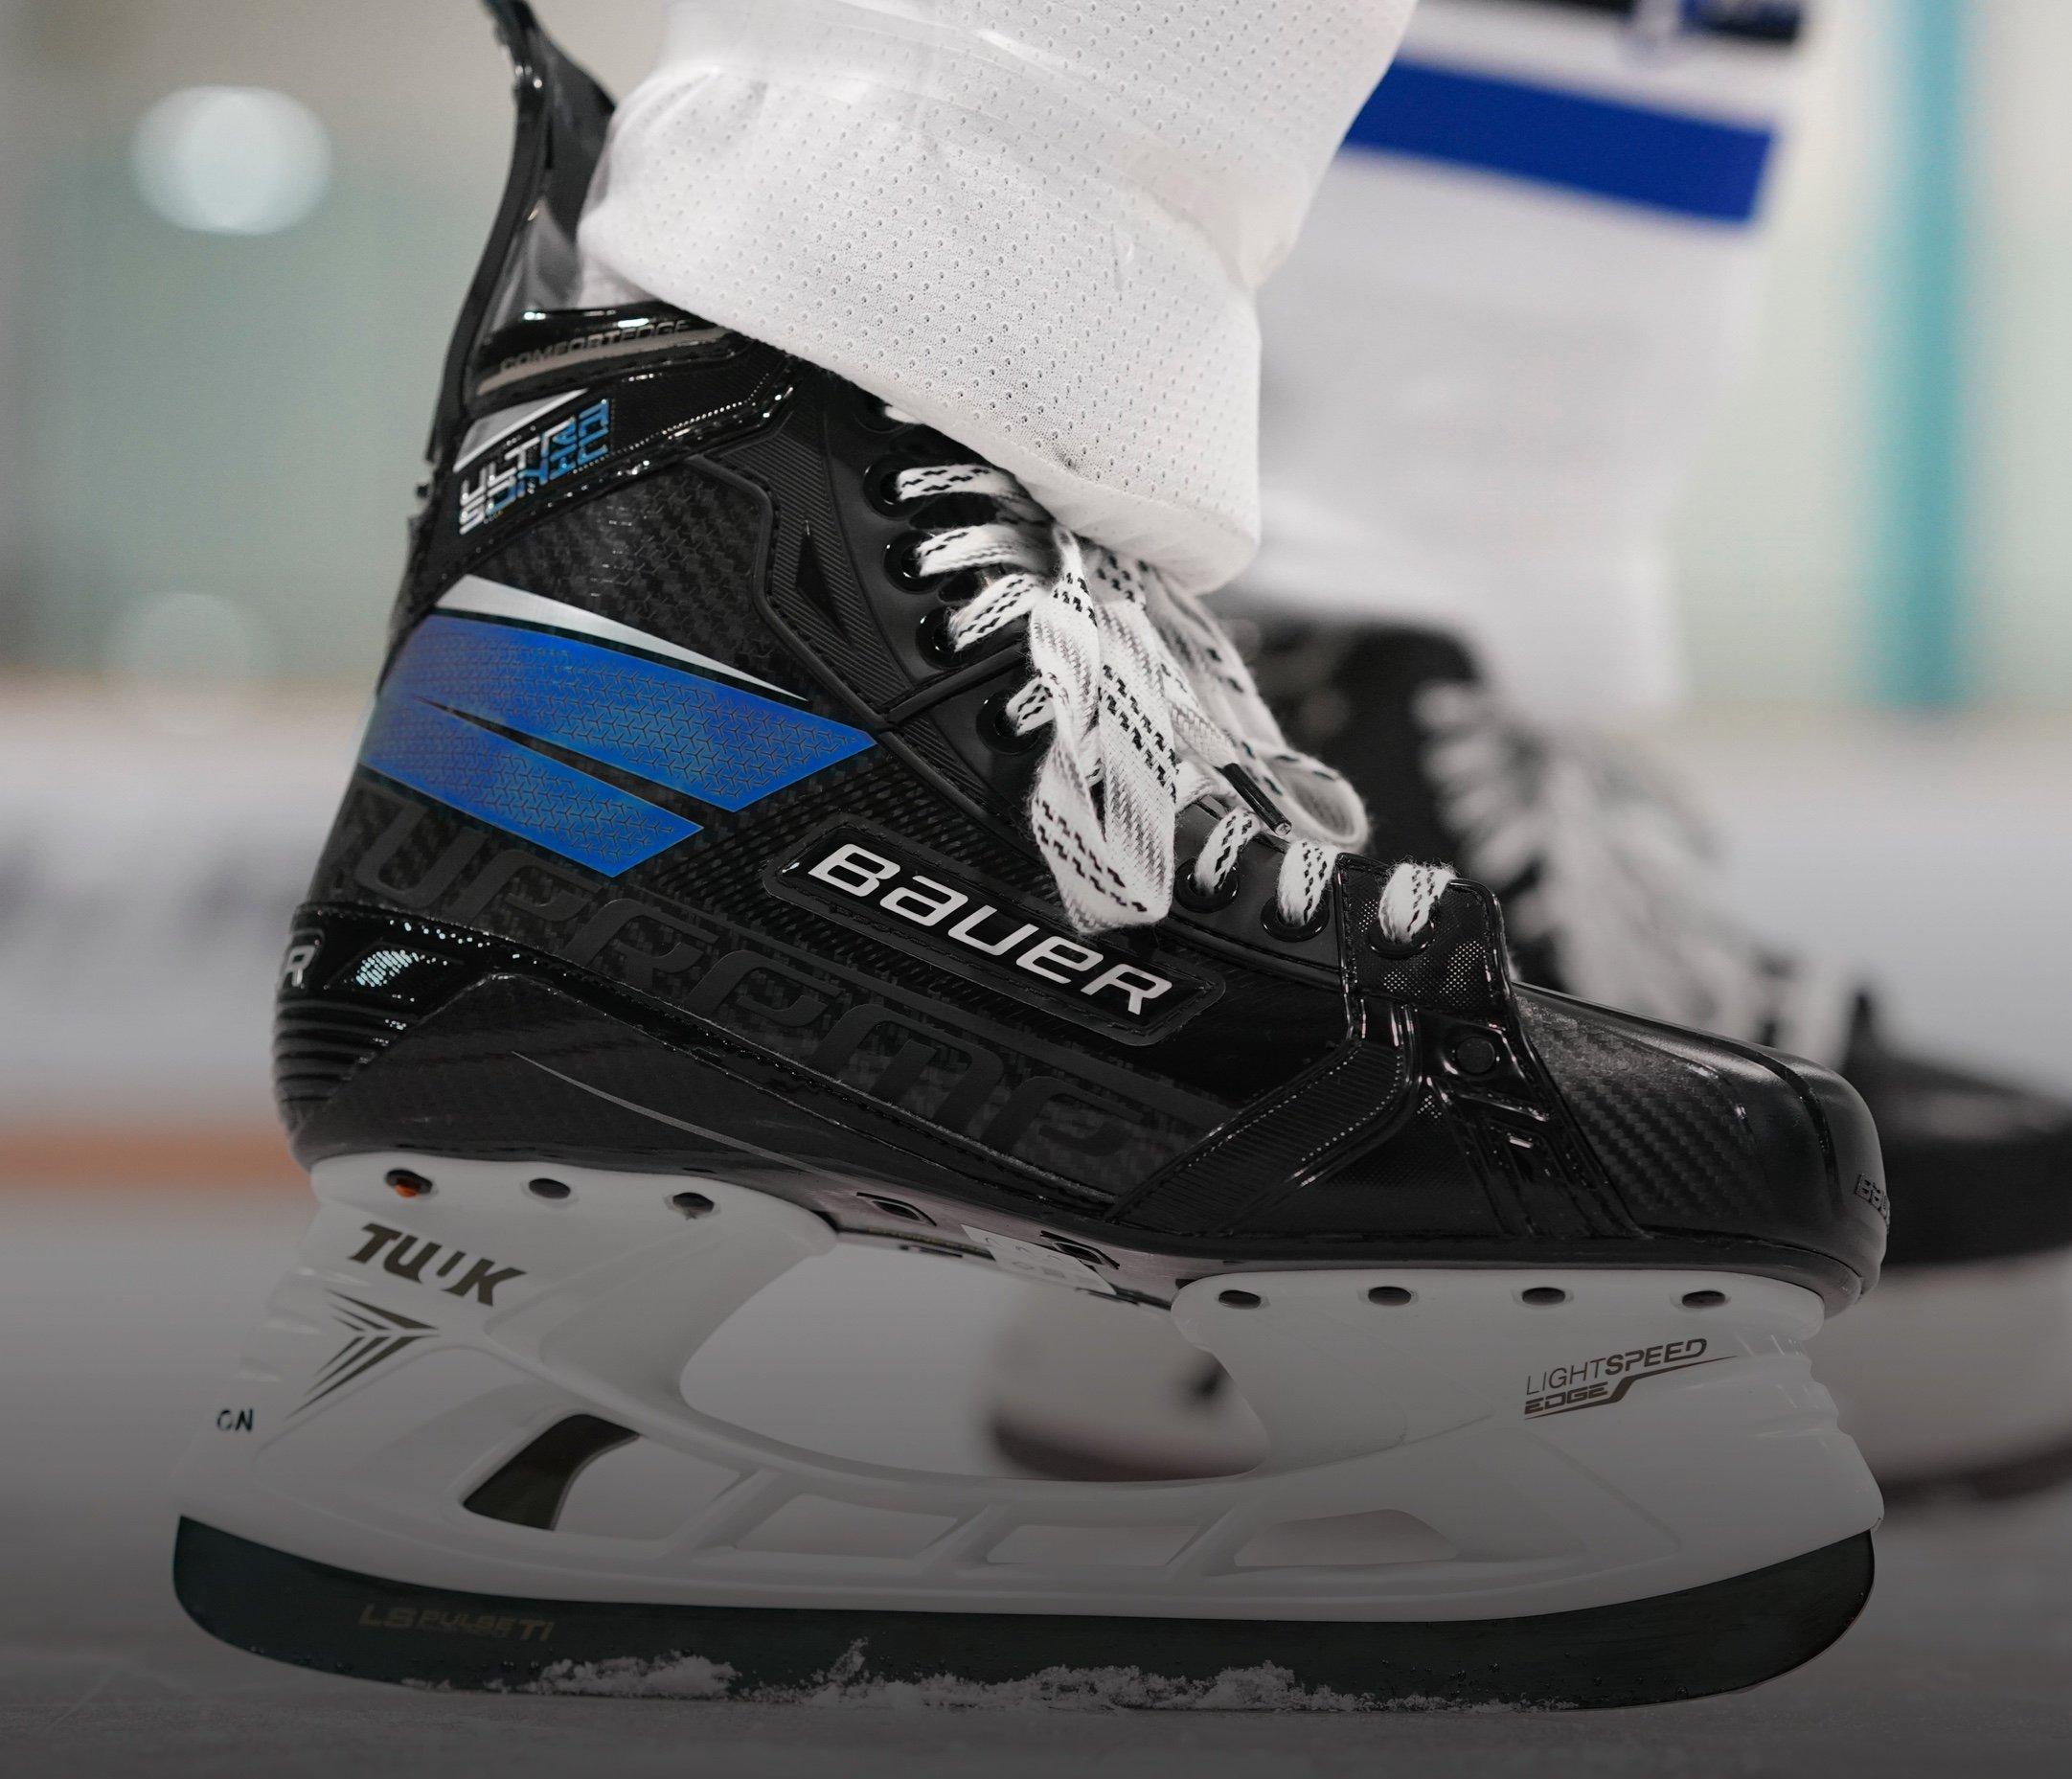 MyBauer skates